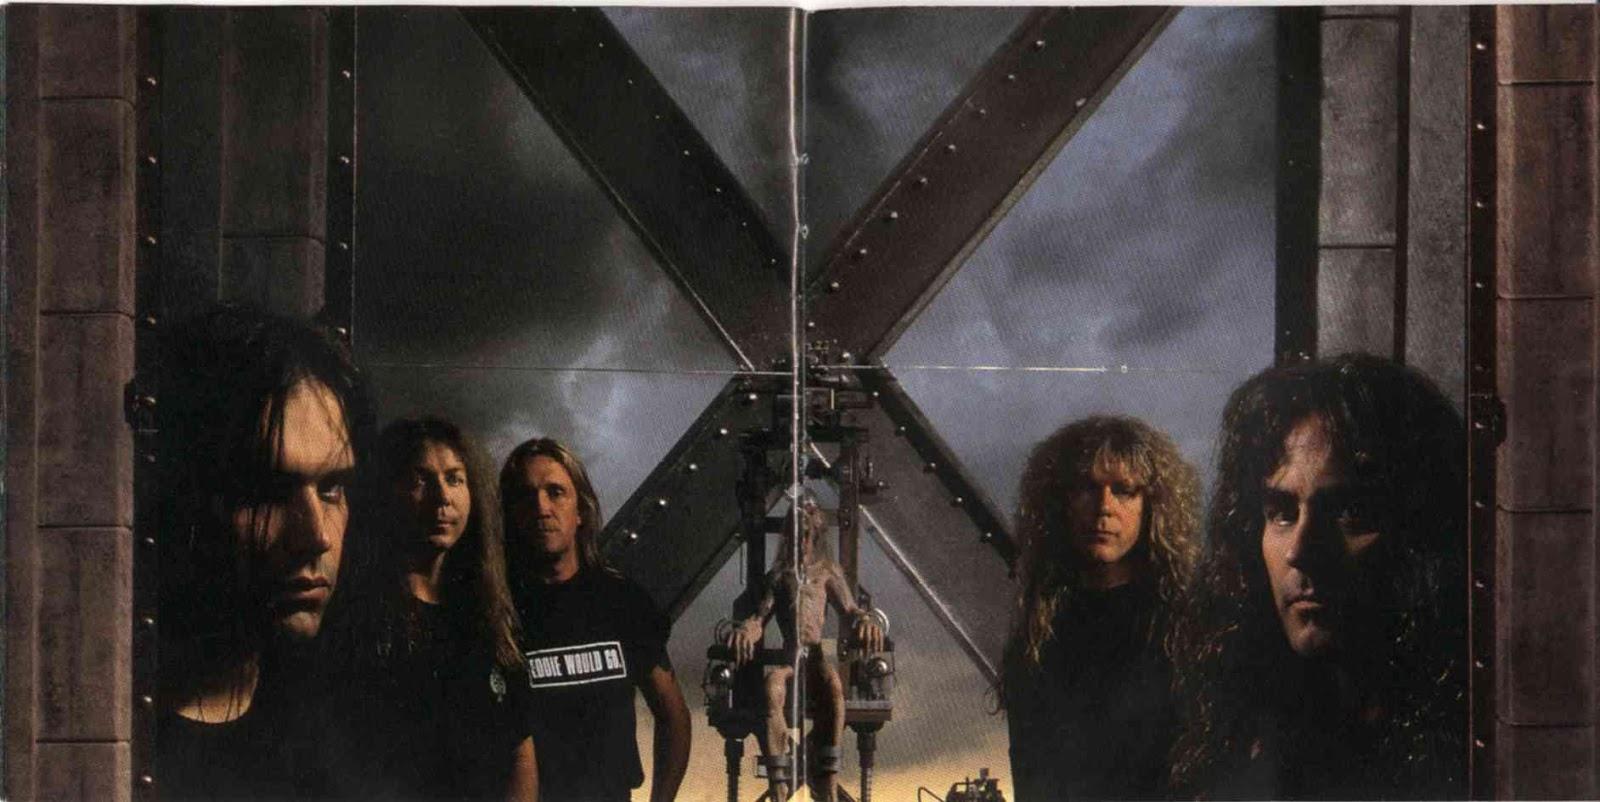 http://4.bp.blogspot.com/-T1wQDv9uy_I/TbNWjFrbnZI/AAAAAAAABt0/5mwHmxaUX6I/s1600/Iron+Maiden-The+X+Factor-I8.jpg